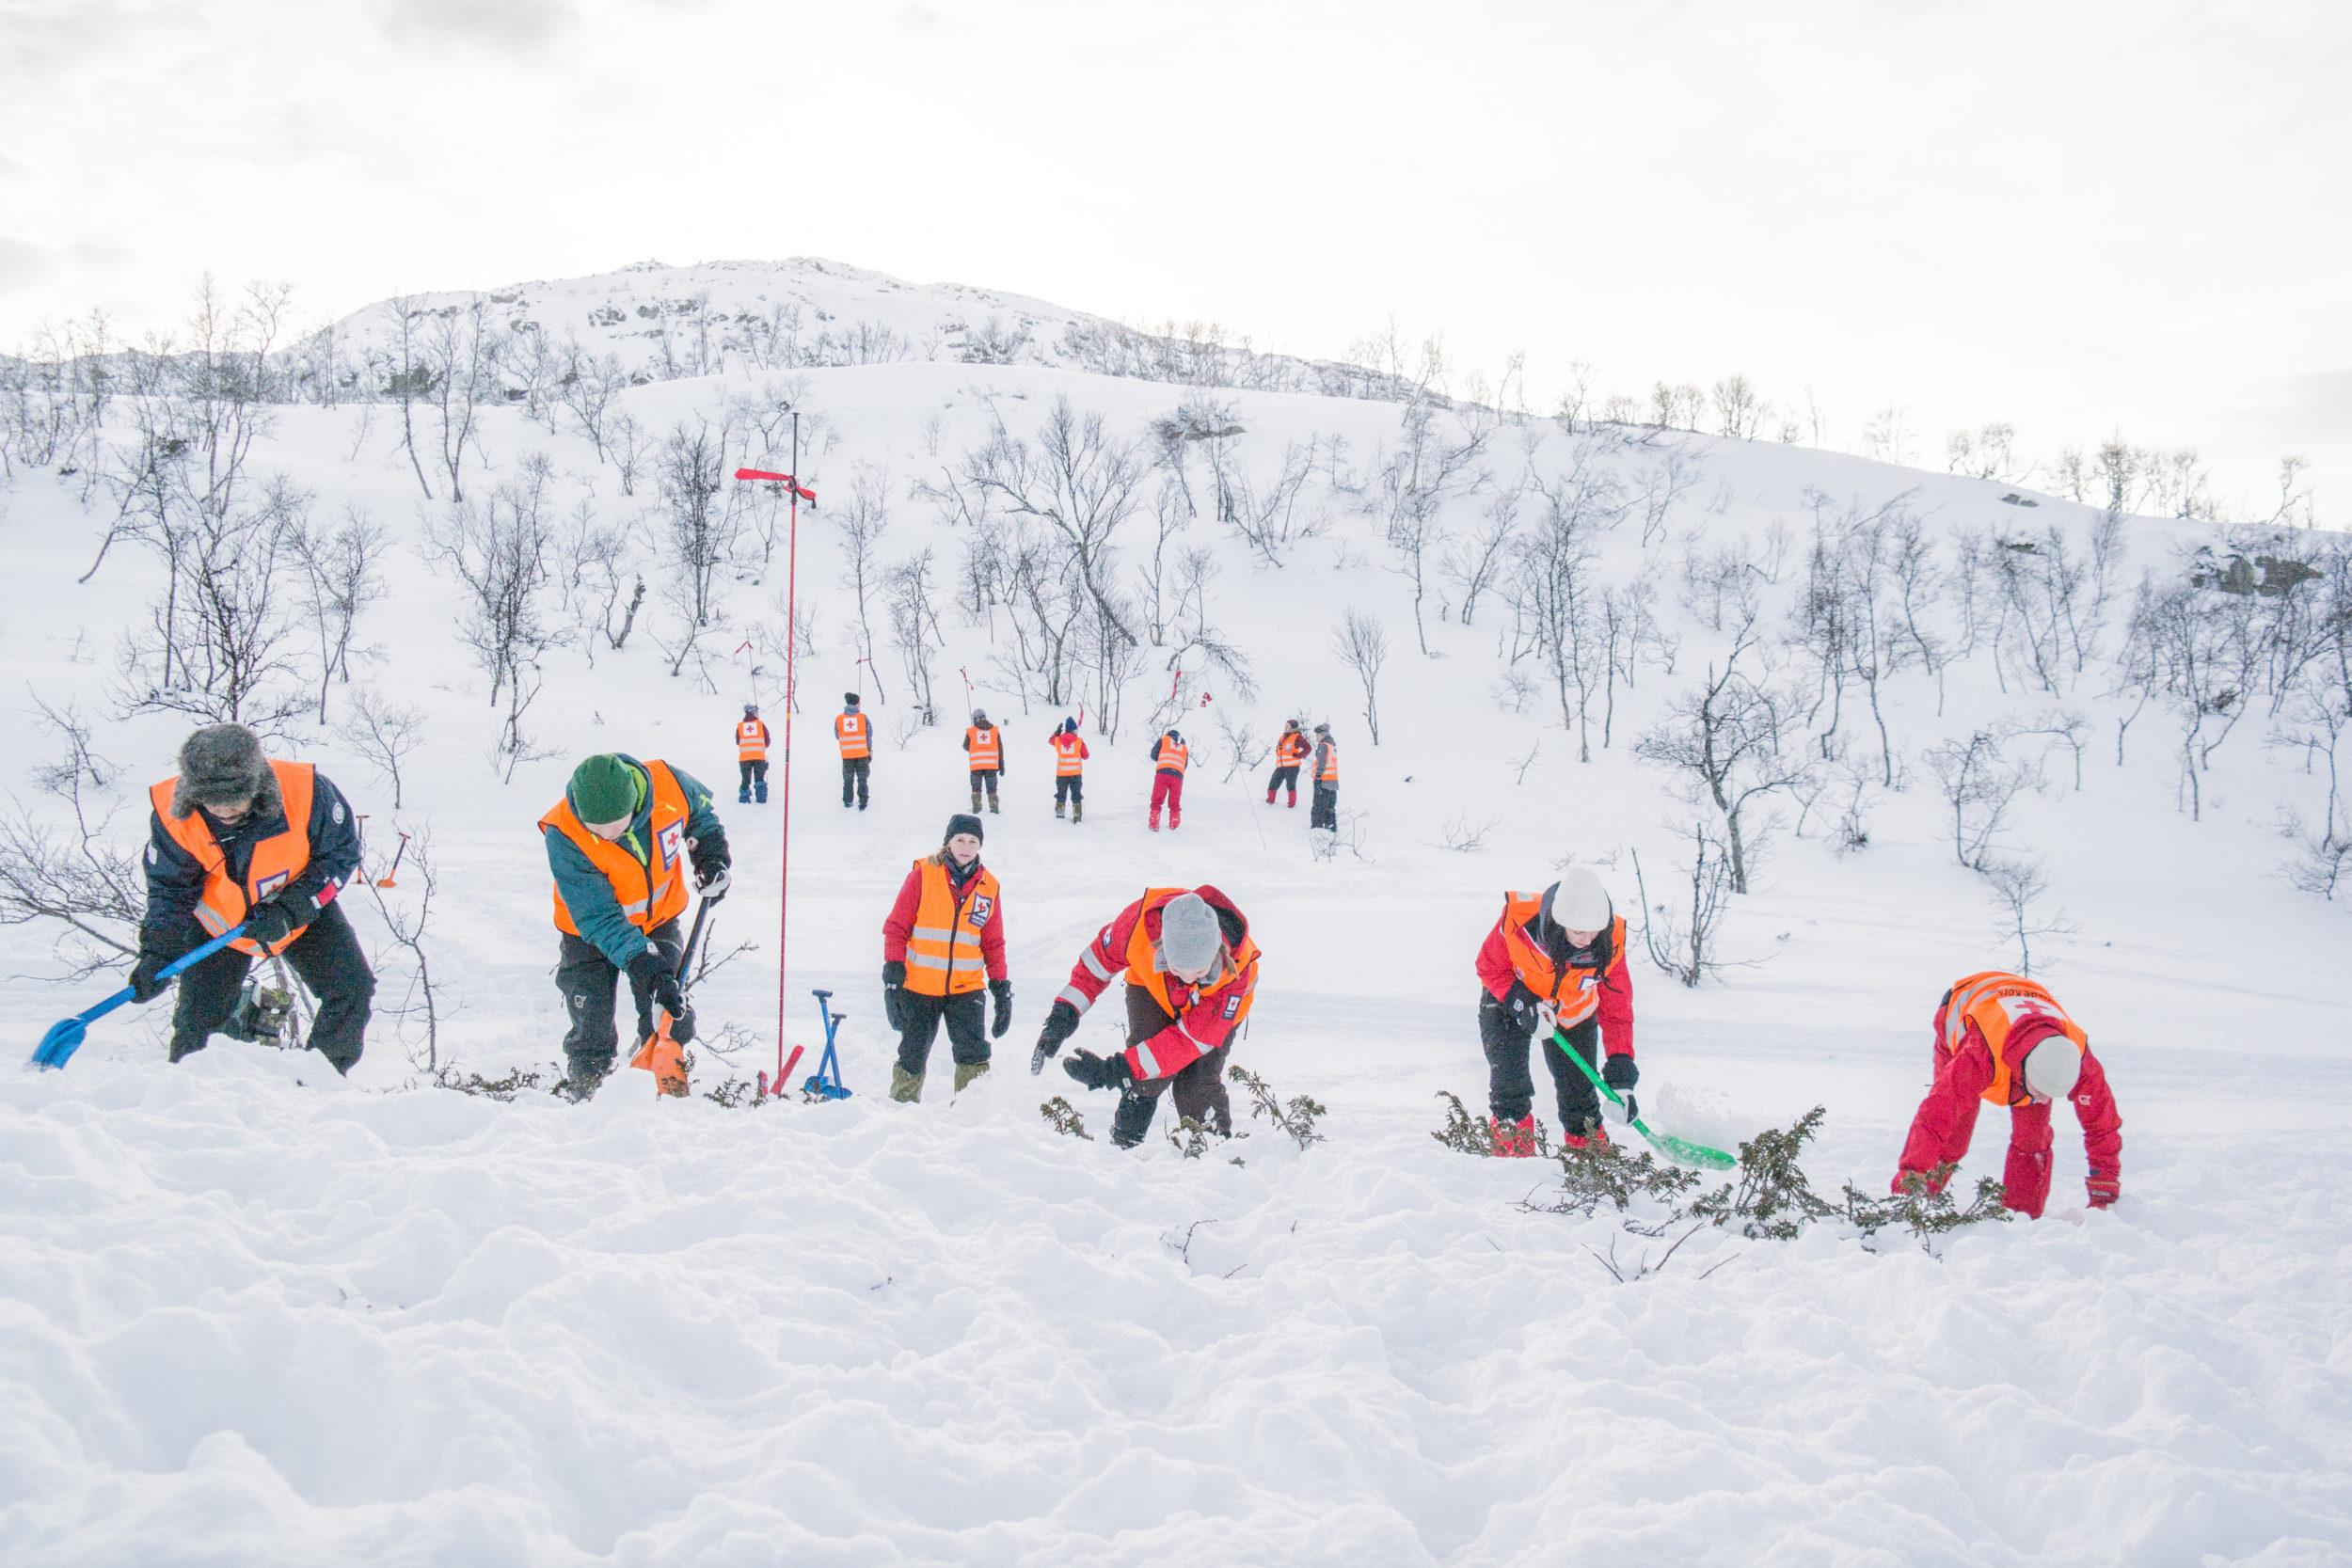 Slik trener Hjelpekorpset på vinterredning